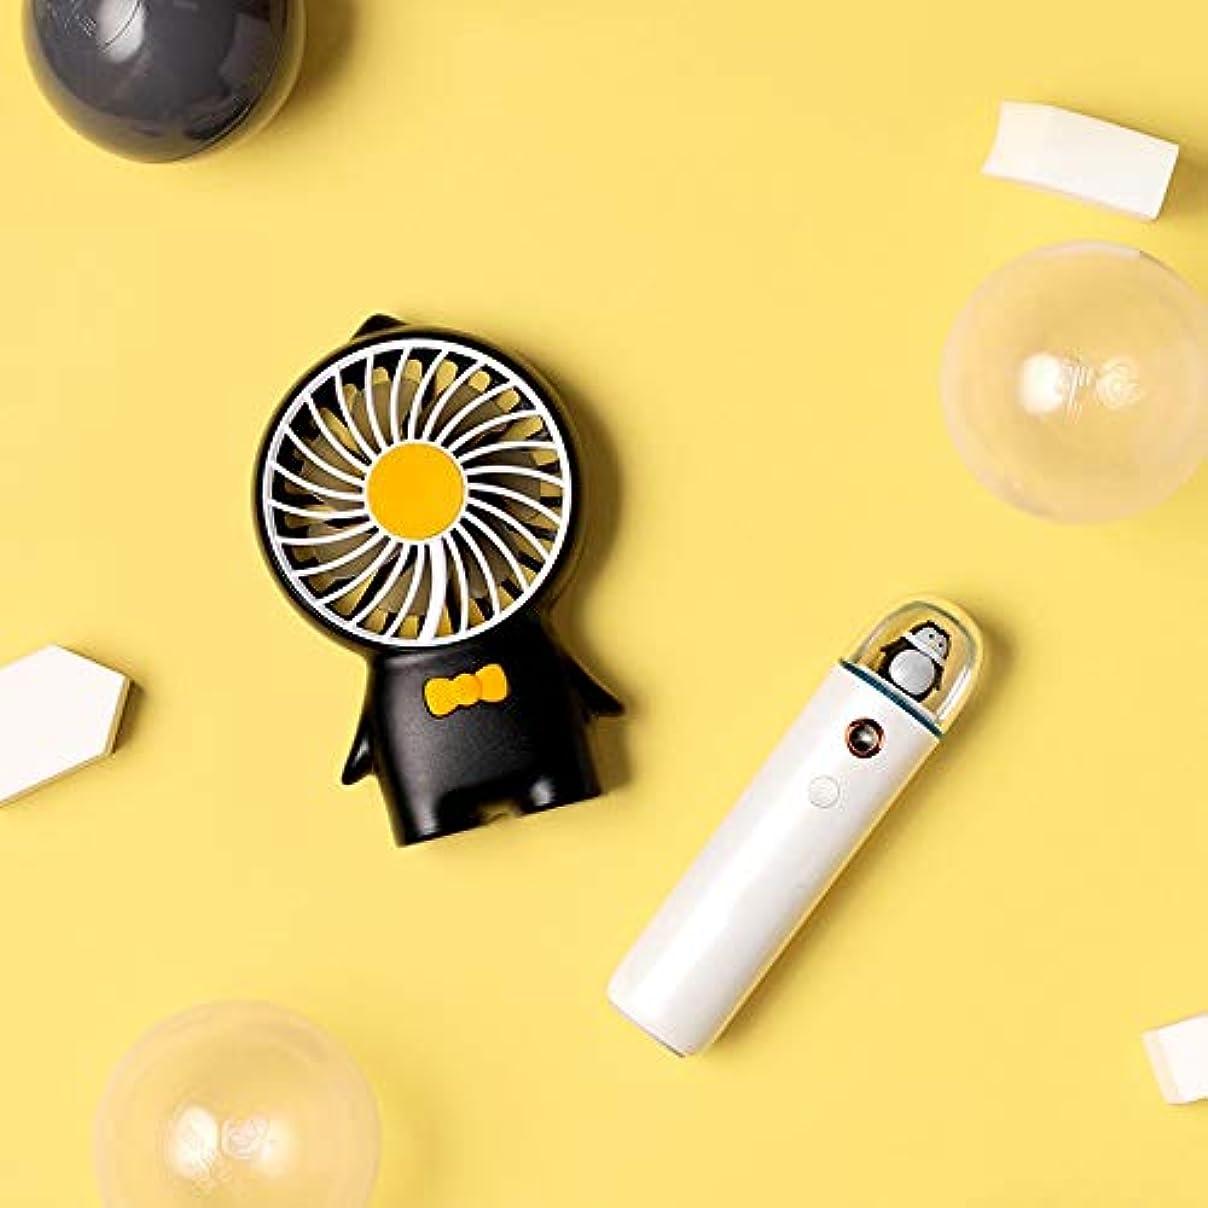 戦術外交現れるZXF コールドスプレー水道メーターusb充電ナノスプレー小さなファン水道メーター美容機器黒モデルホワイトガールギフト用ガールフレンドセット 滑らかである (色 : Black)